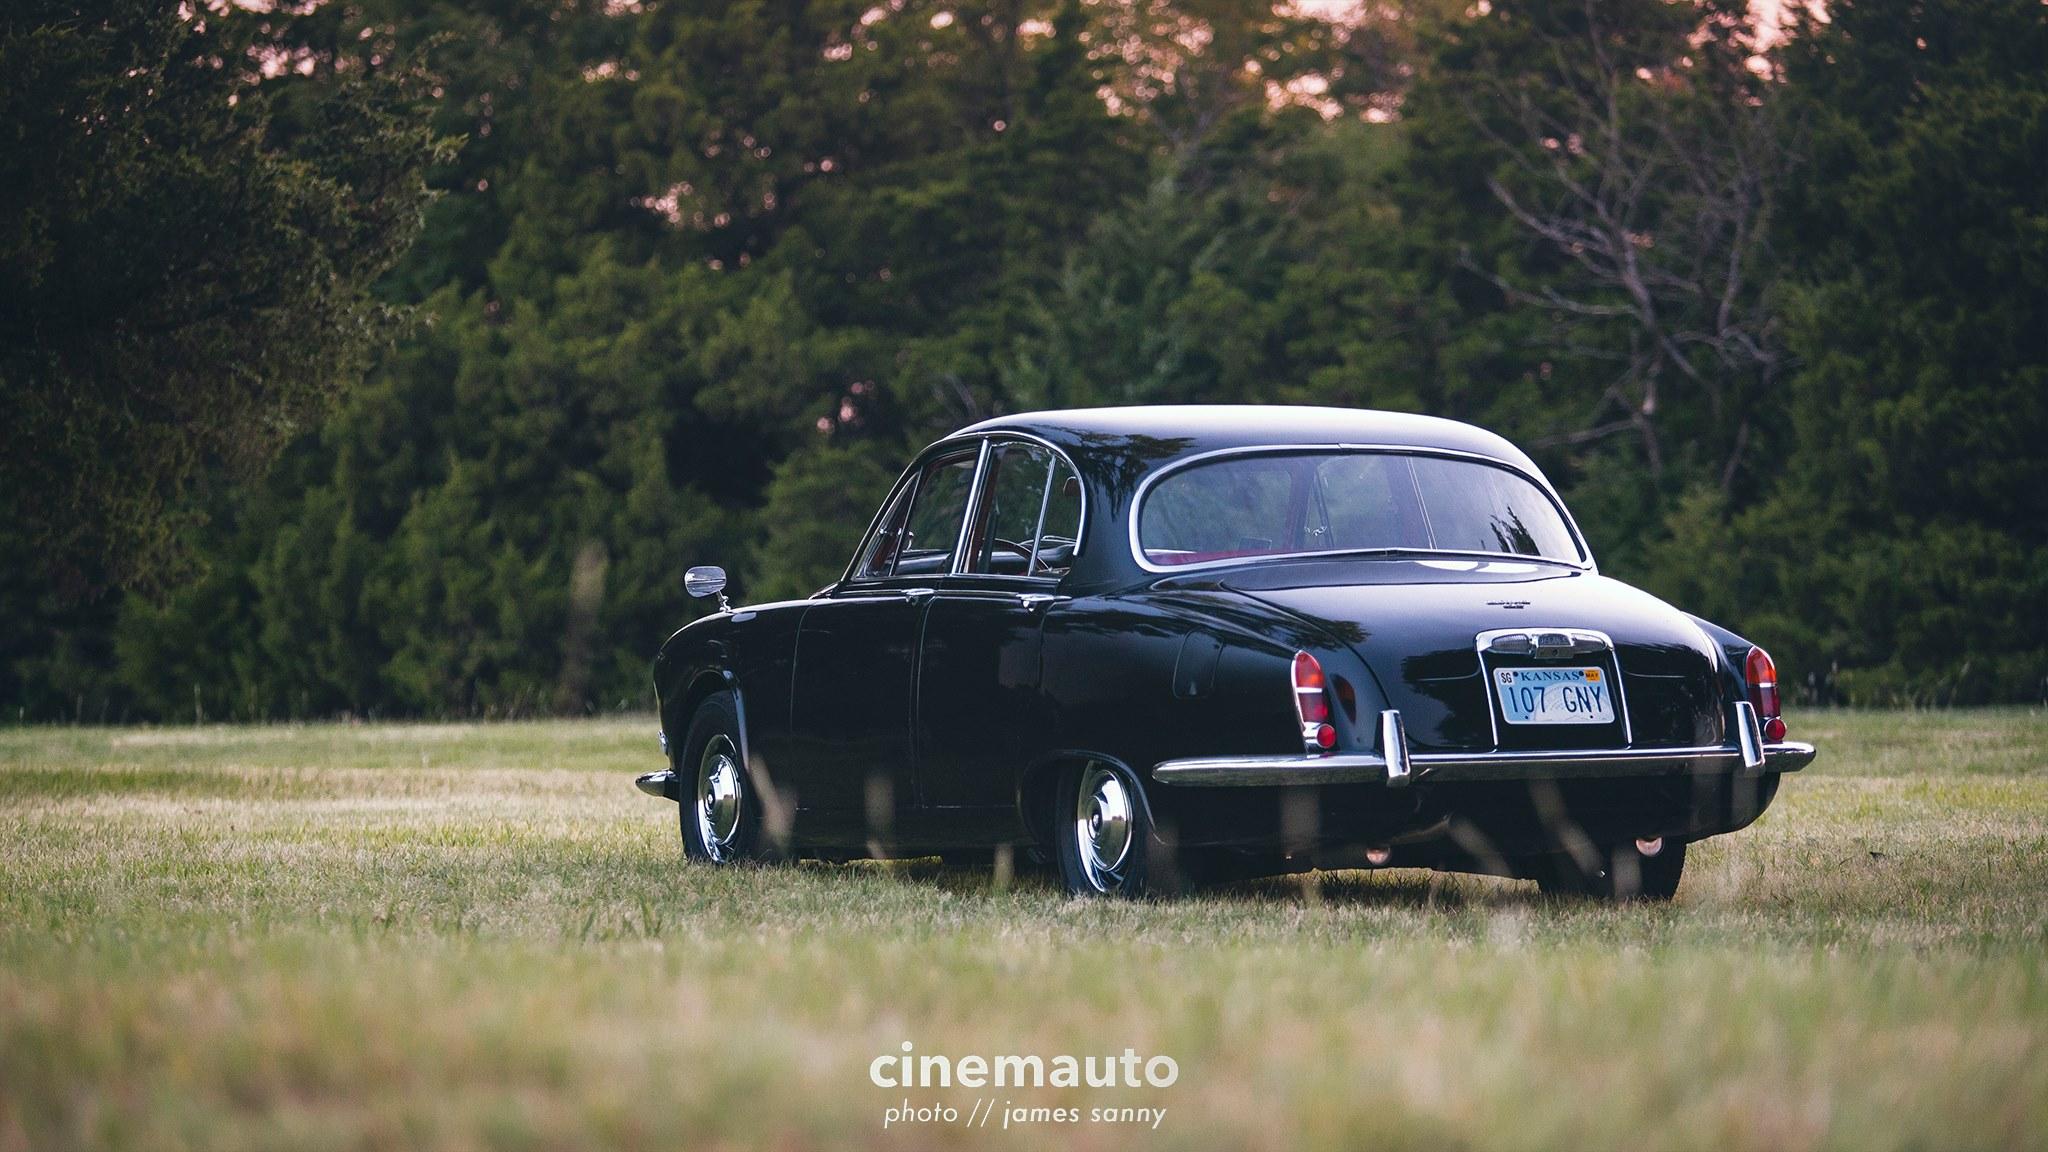 wichita-automotive-photographers-js6.jpg